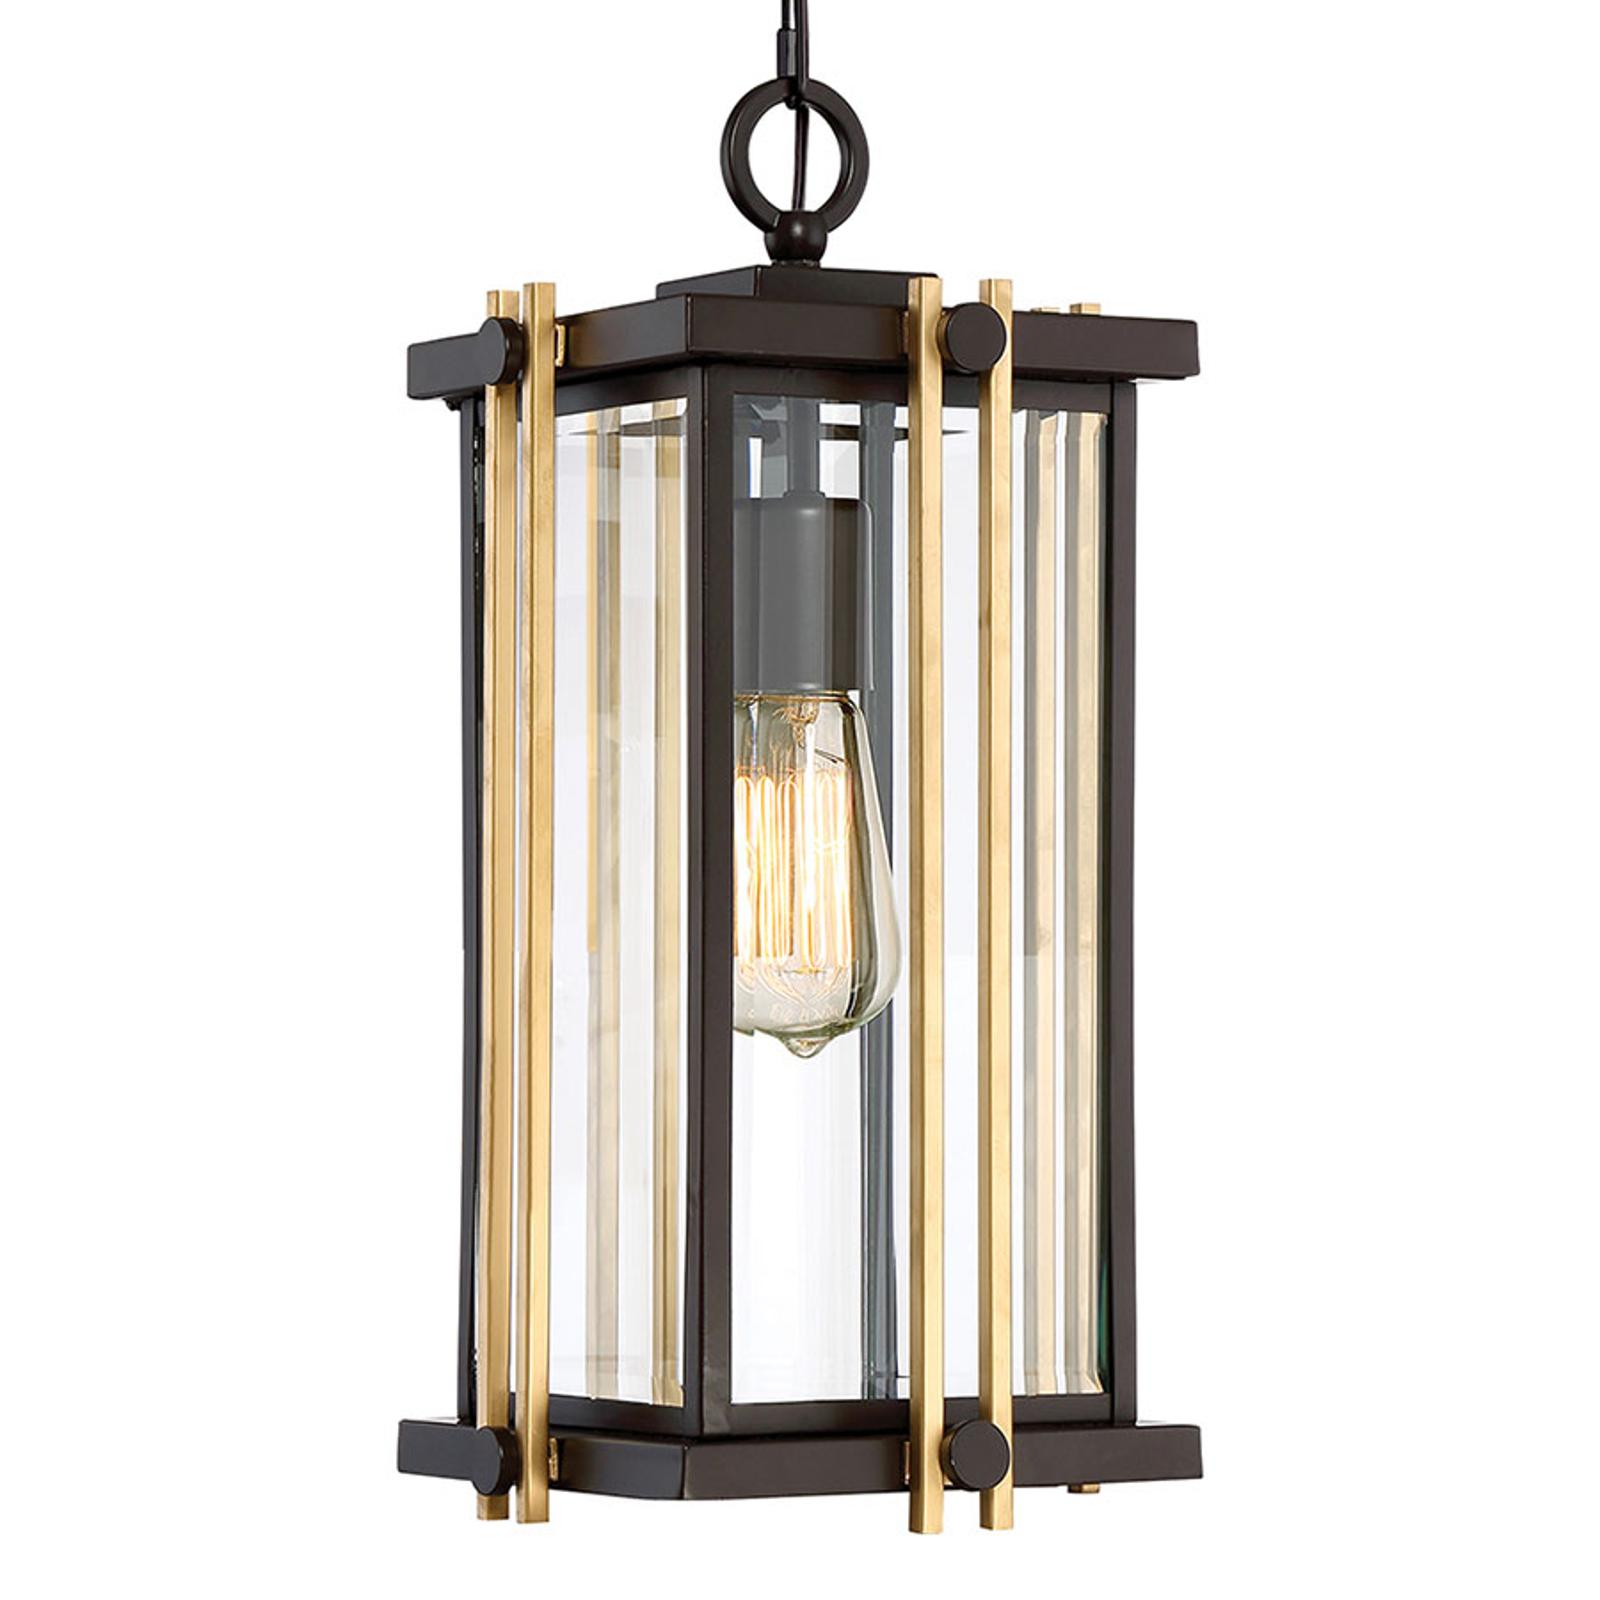 Lampa wisząca Goldenrod zewnętrzna